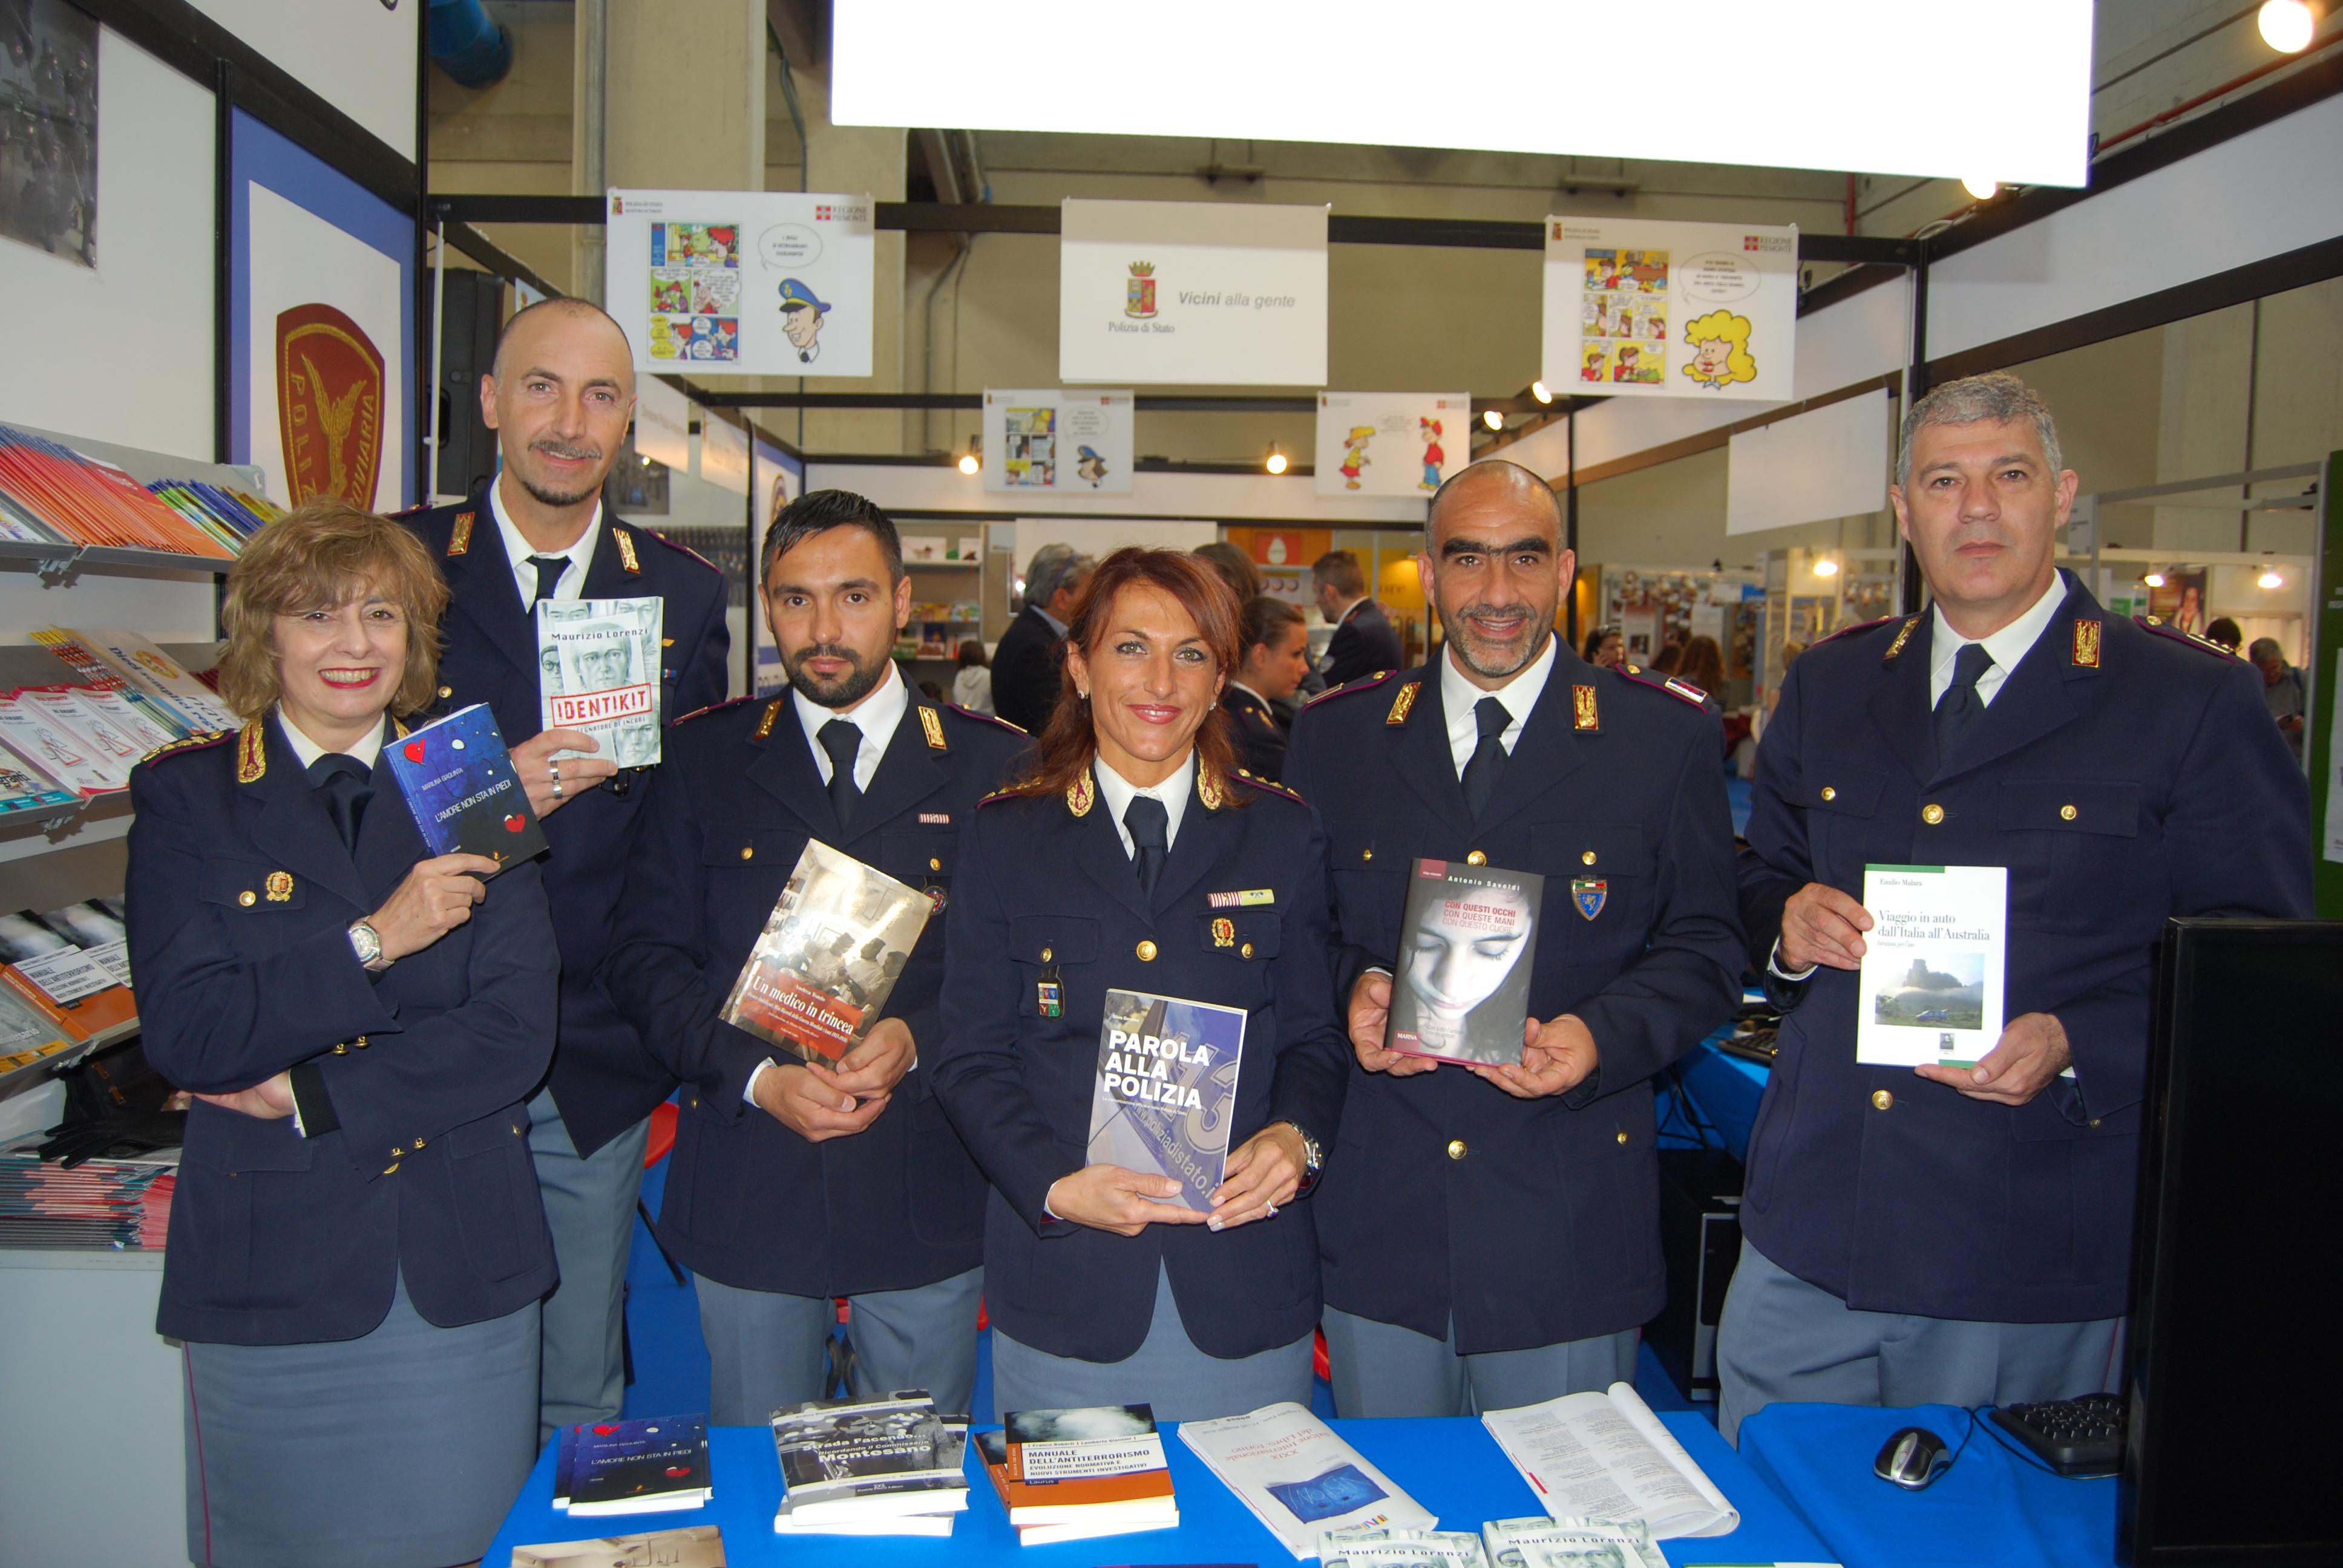 Torino conclusa la 29esima edizione del salone for Polizia di stato torino permesso di soggiorno